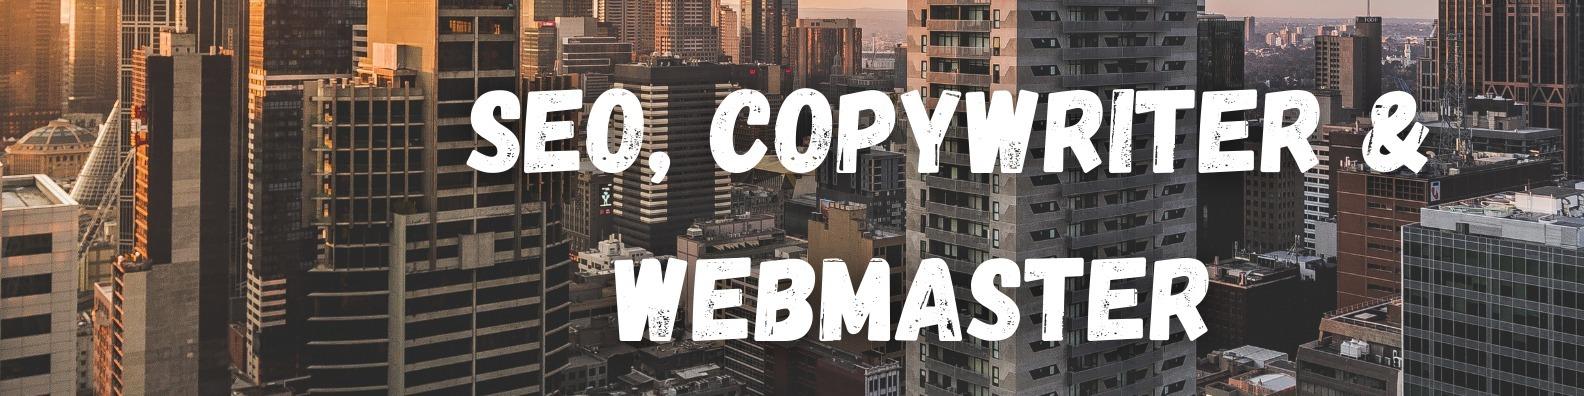 Òscar Bordetas (@oscar_bordetas) Cover Image